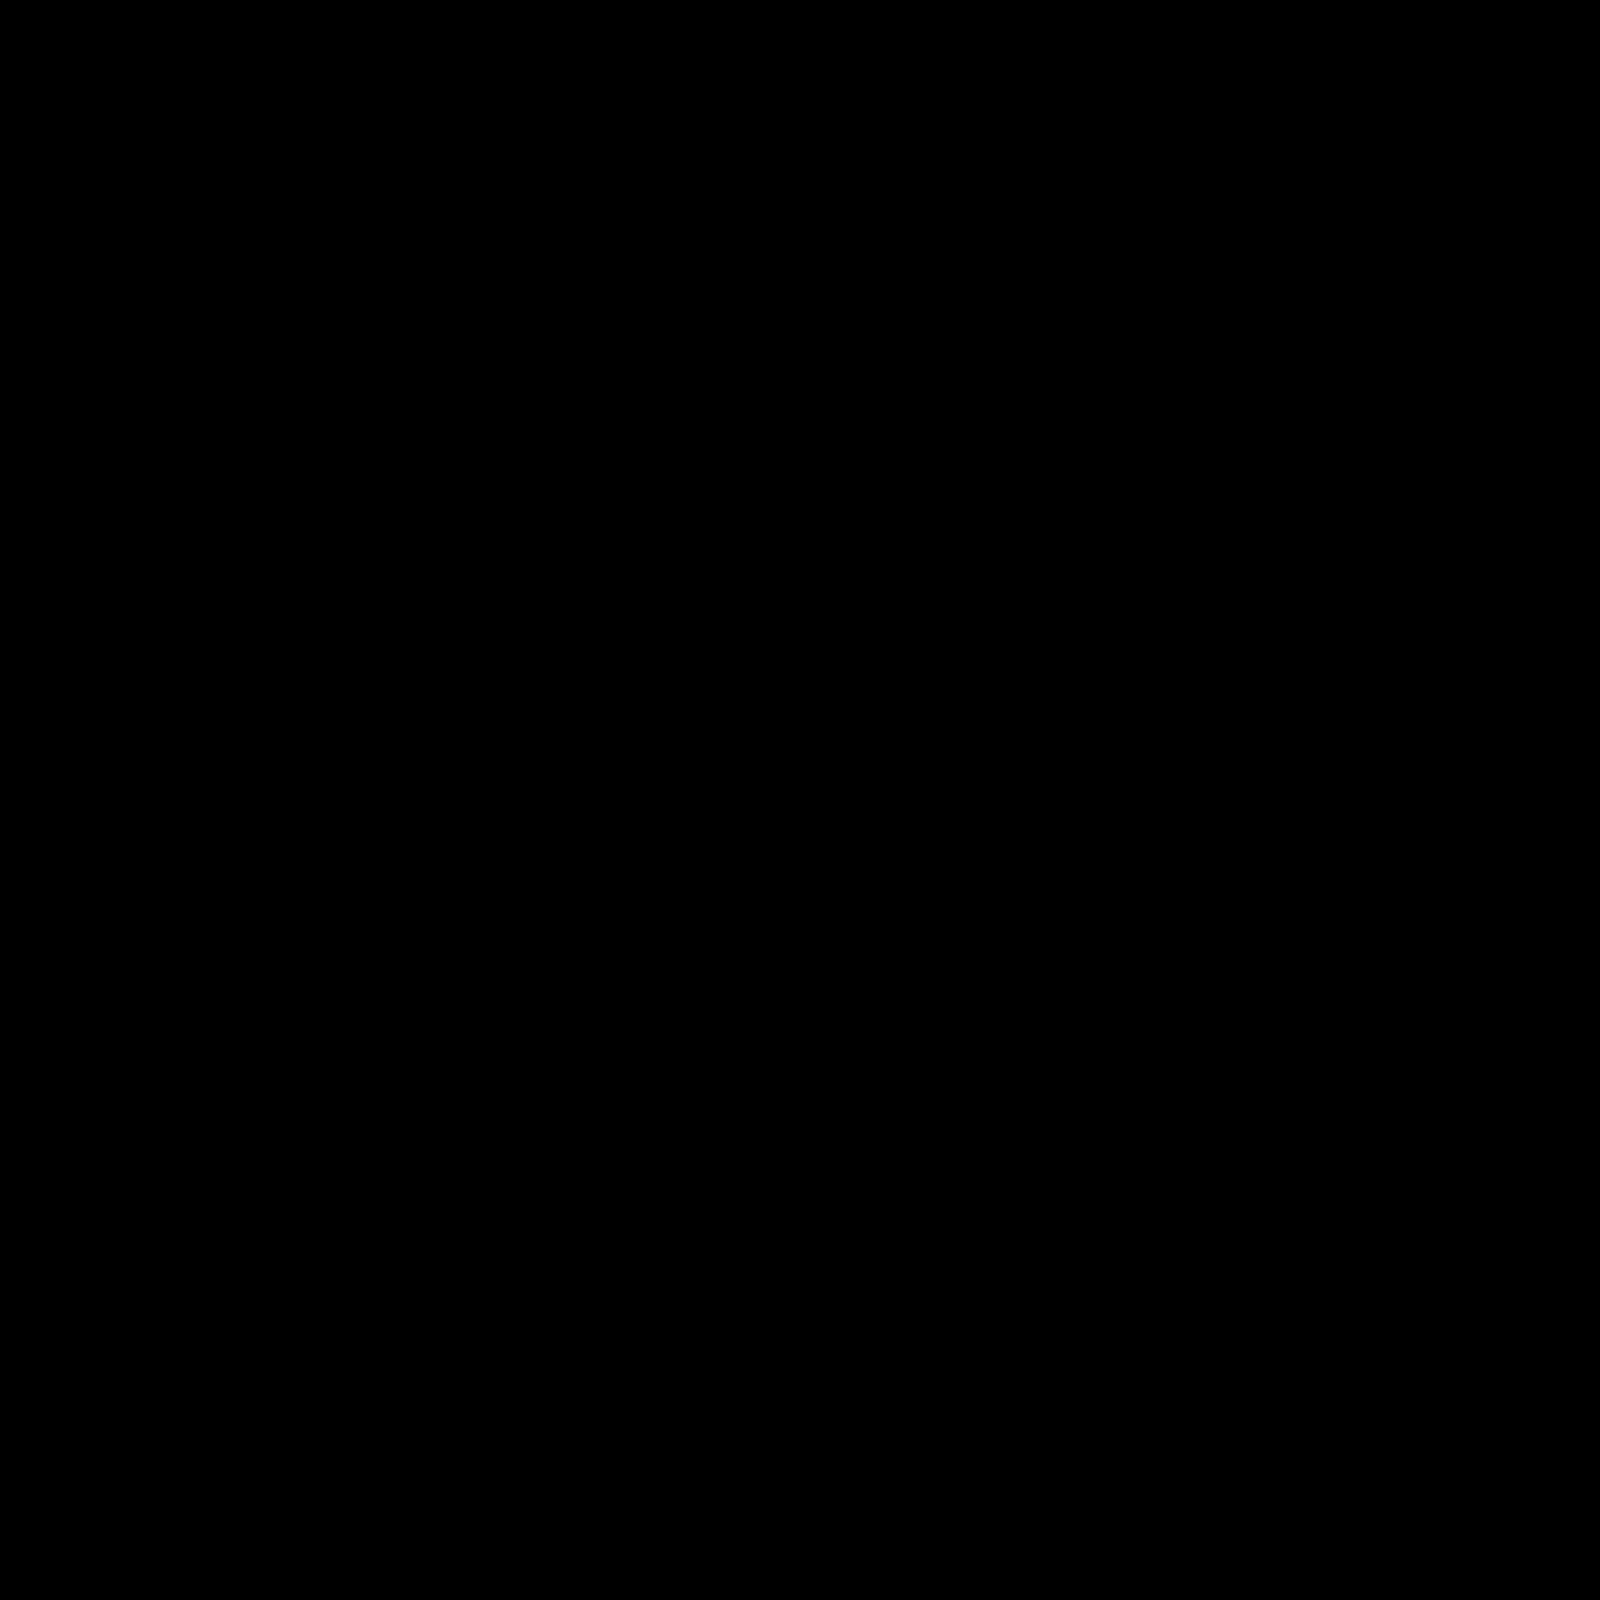 目覚まし時計 icon. It is round with two half circles on both sides of the top. The bottom has legs and there is a line pointing at noon and 9 pm.